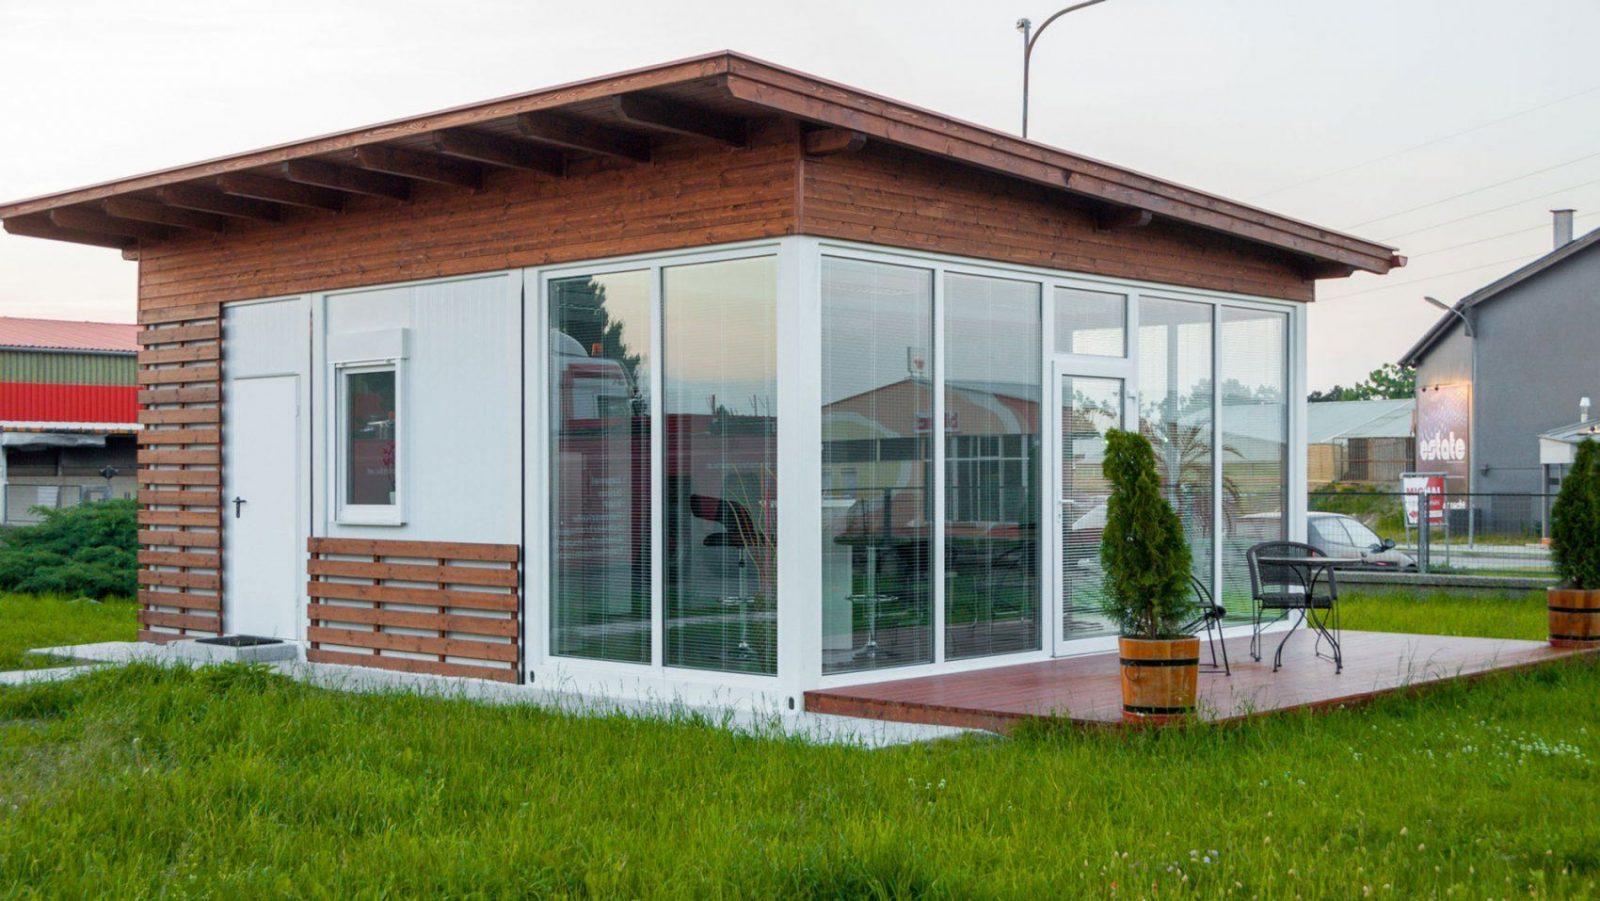 Schöne Containerhaus In Deutschland Haus Design Ideen Wohncontainer von Containerhaus In Deutschland Erlaubt Bild